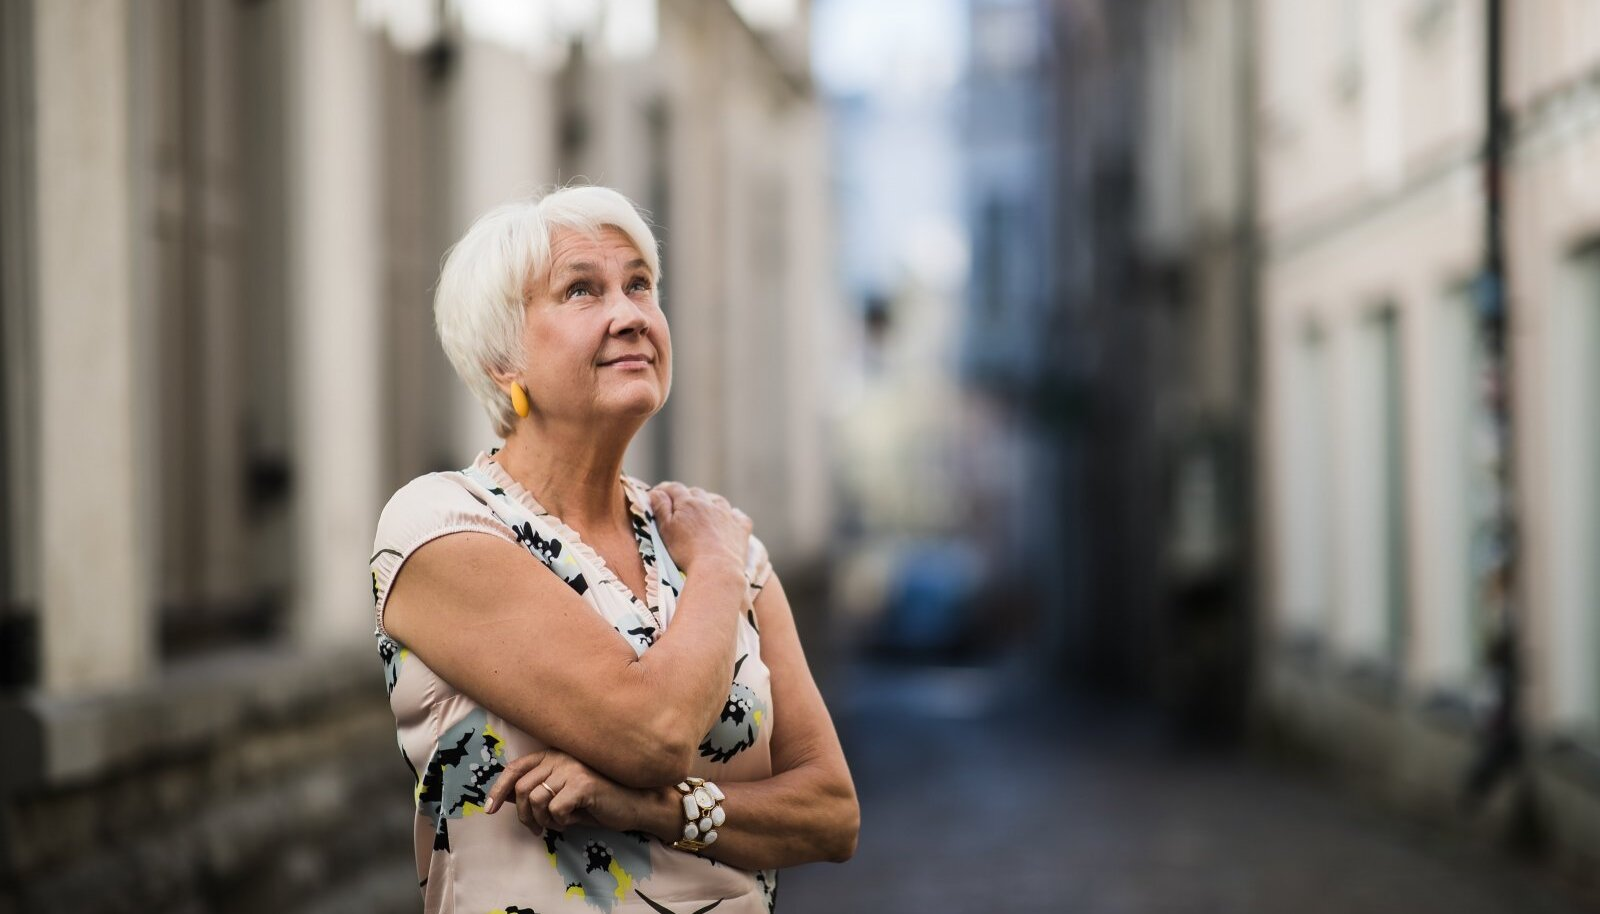 VÕRRELDAMATU: Kevadel saabunud koroonakriis pole võrreldav ühegi varasema kriisiga, möönab 28 aastat reisiäris tegutsenud Anne Samlik.